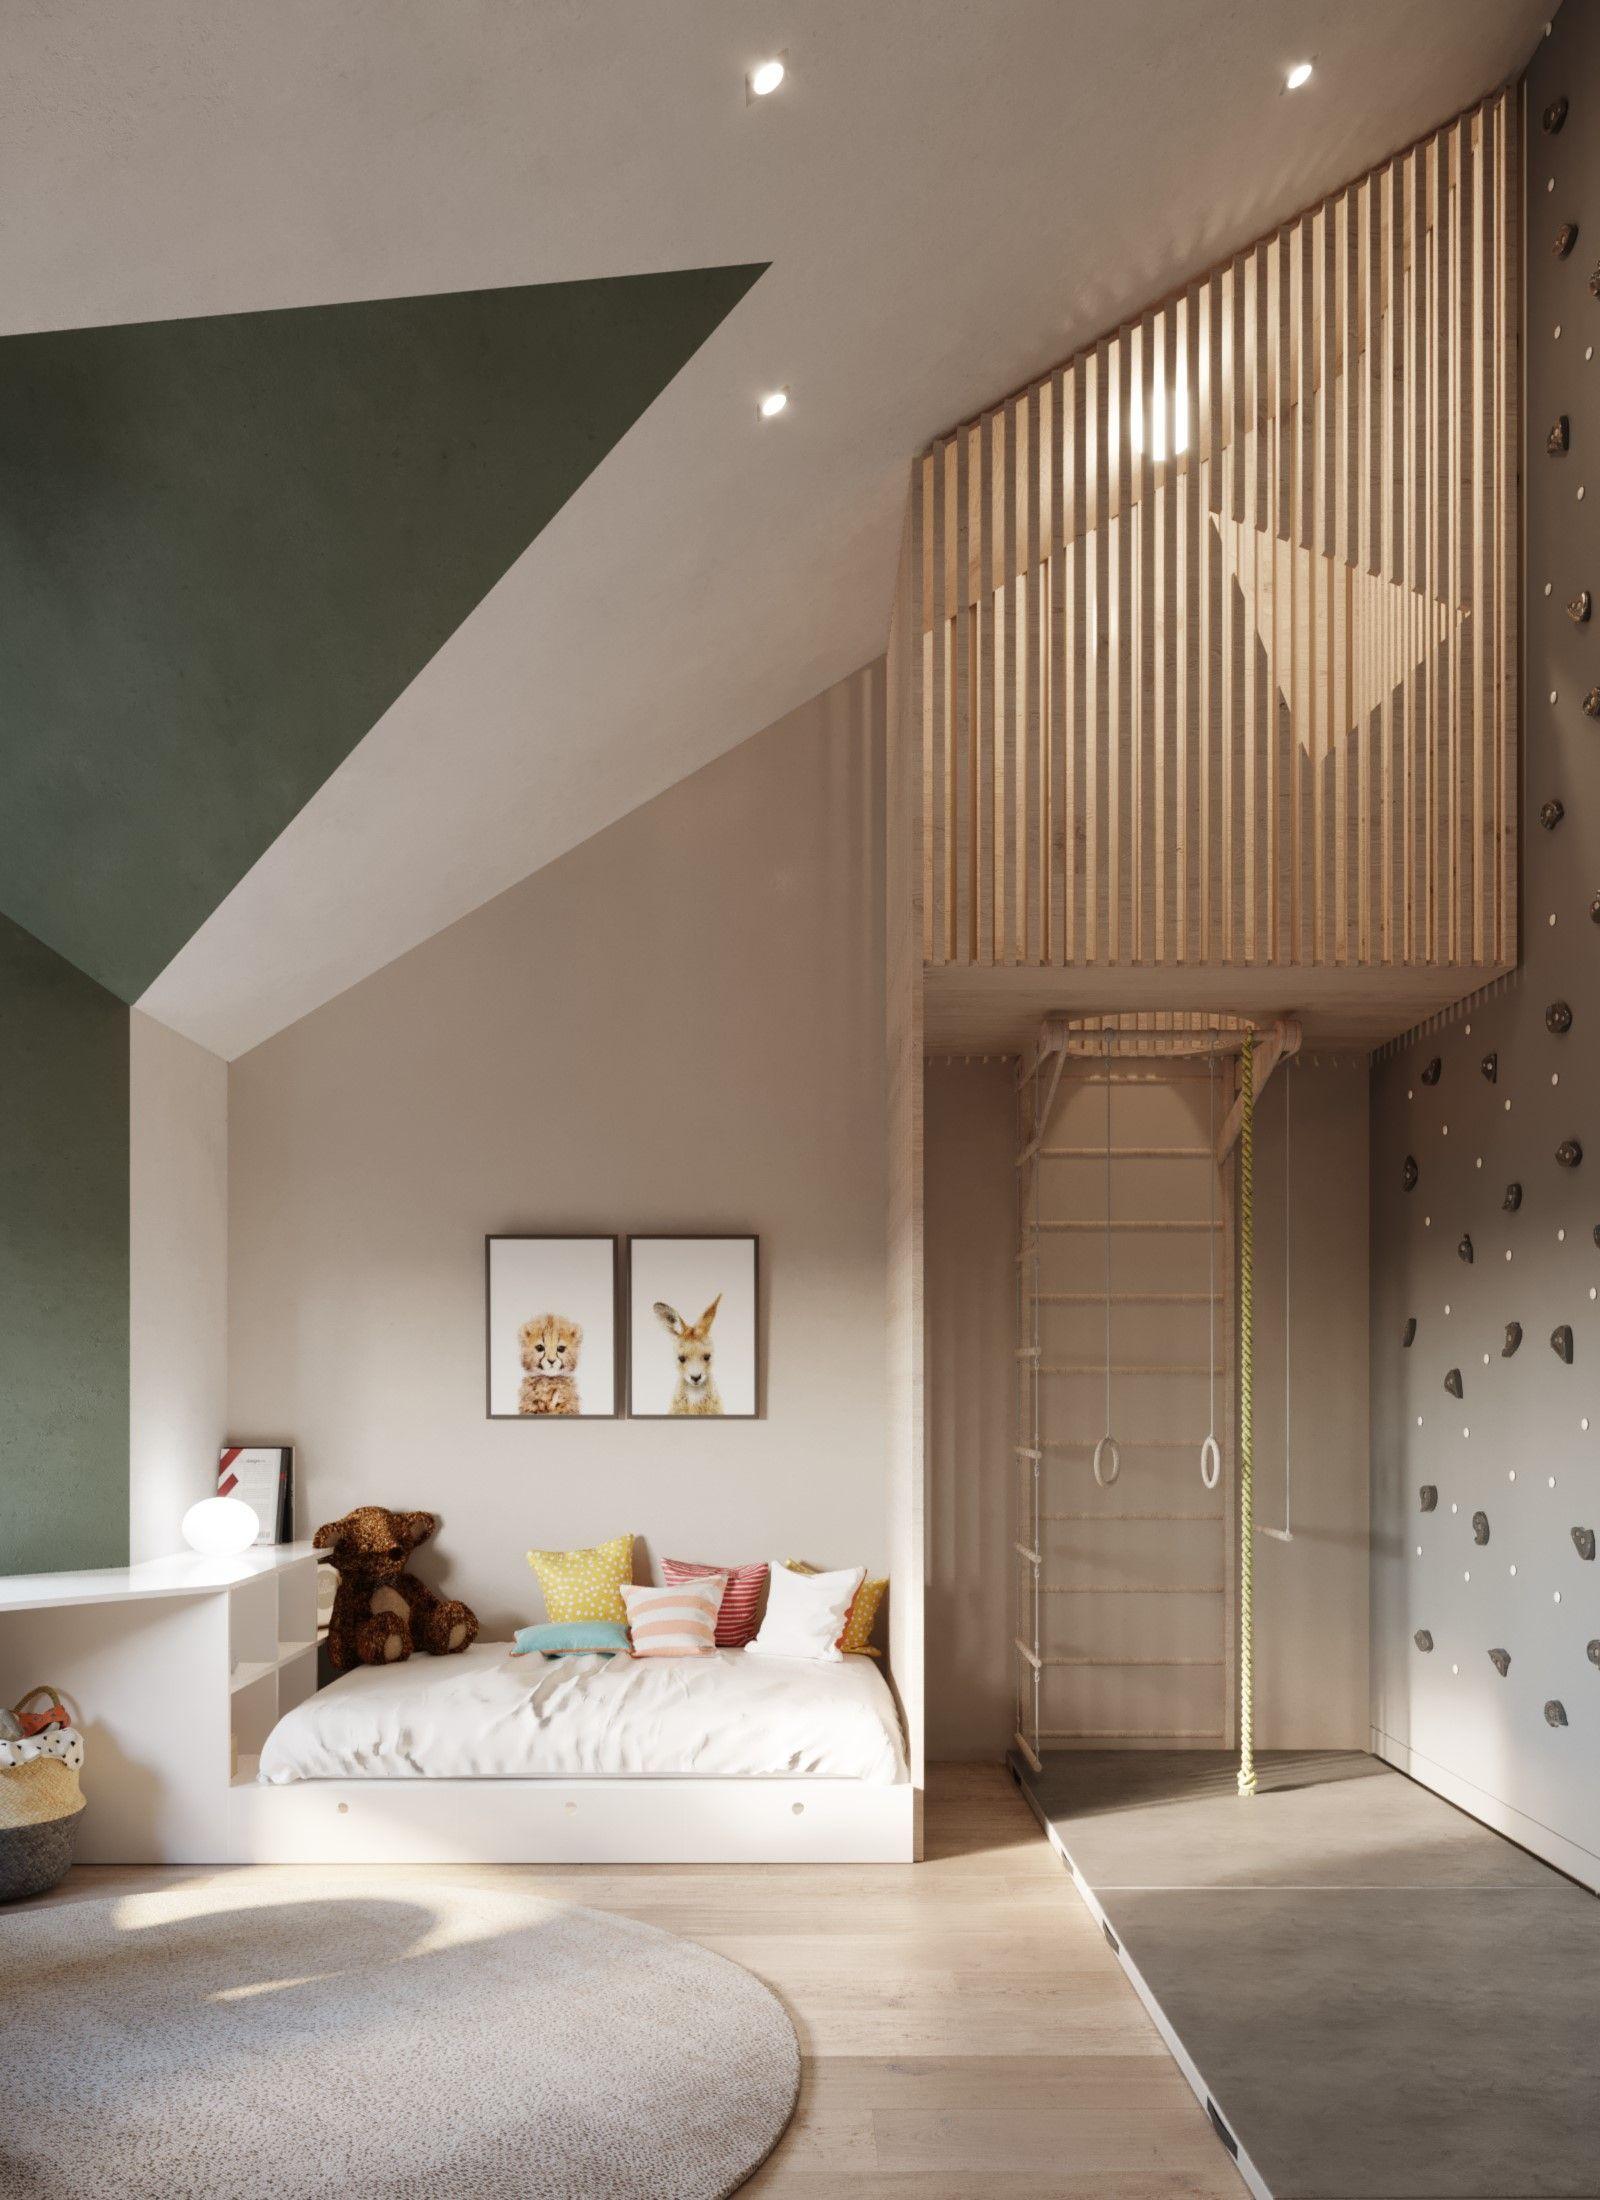 Kinderzimmer Kletterwand Mit Turngeraten Und Kinderzimmer Mit Kletterwand Und Turngeraten Coole Kinderzimmer Design Fur Kinderzimmer Wohnung